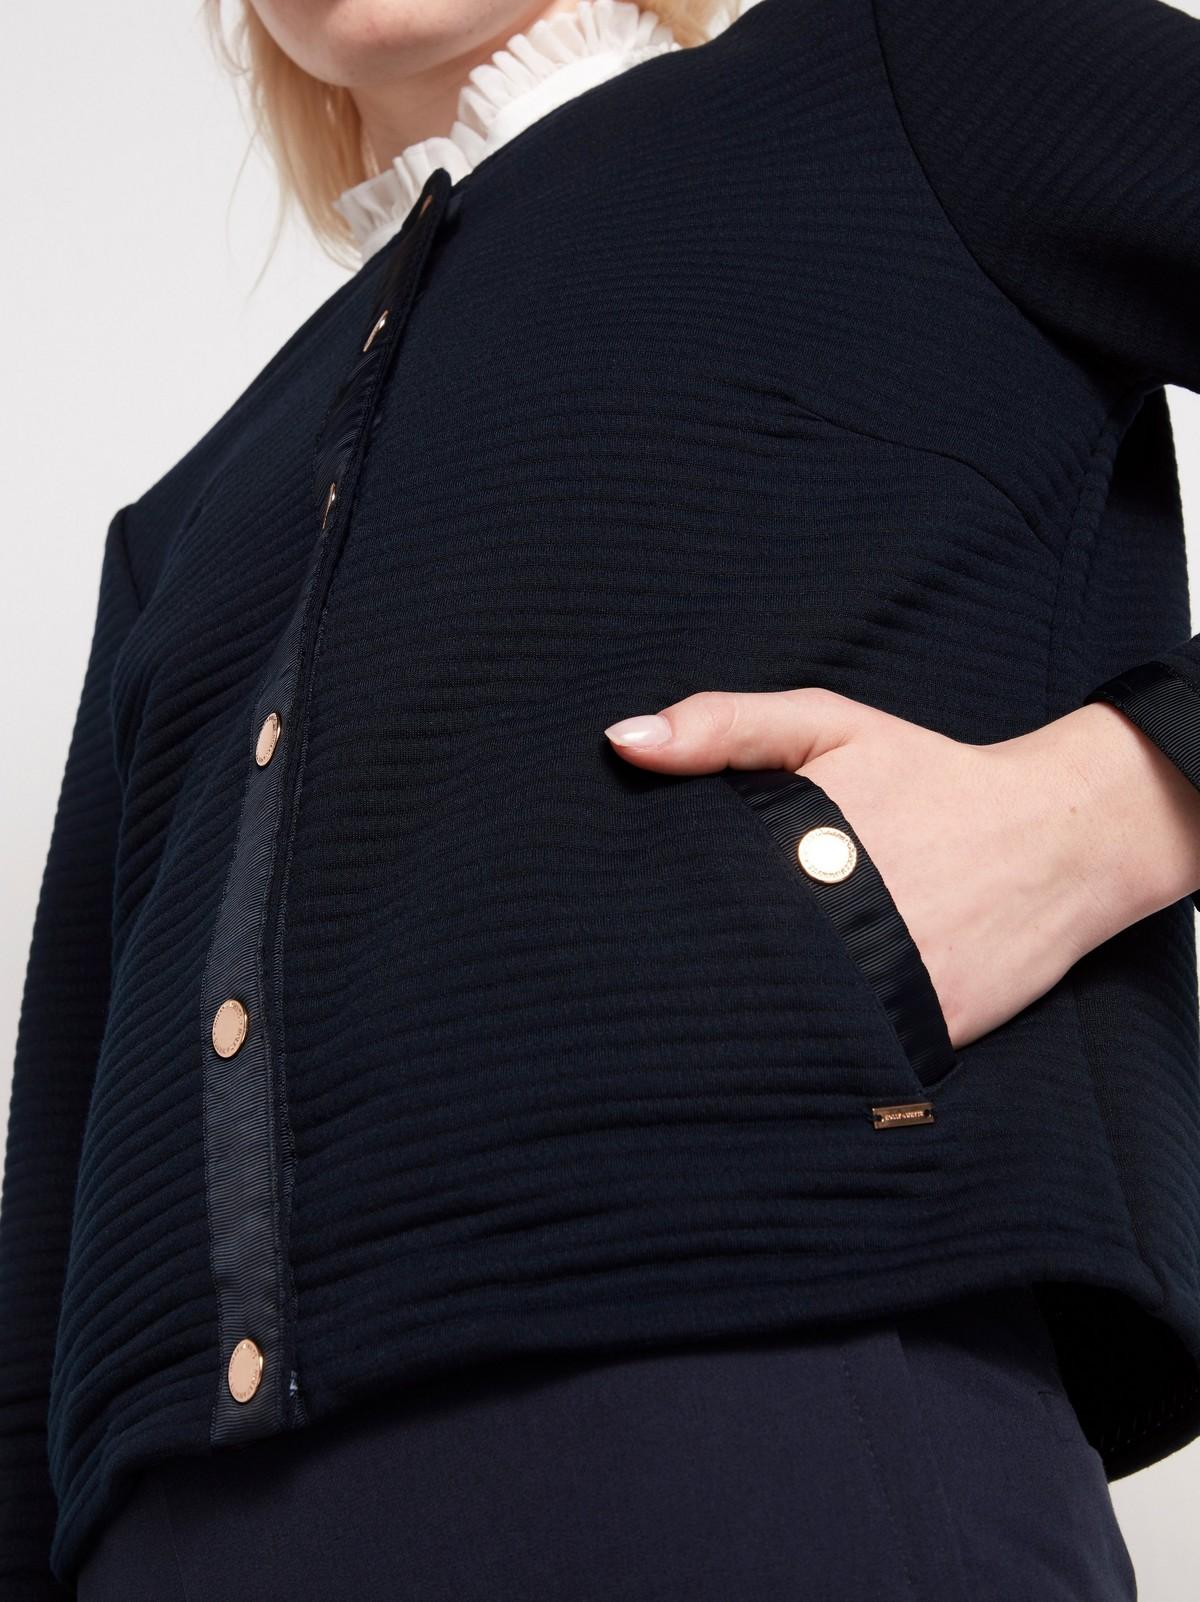 Ribbestrikket jakke med gullfargede knapper | Lindex